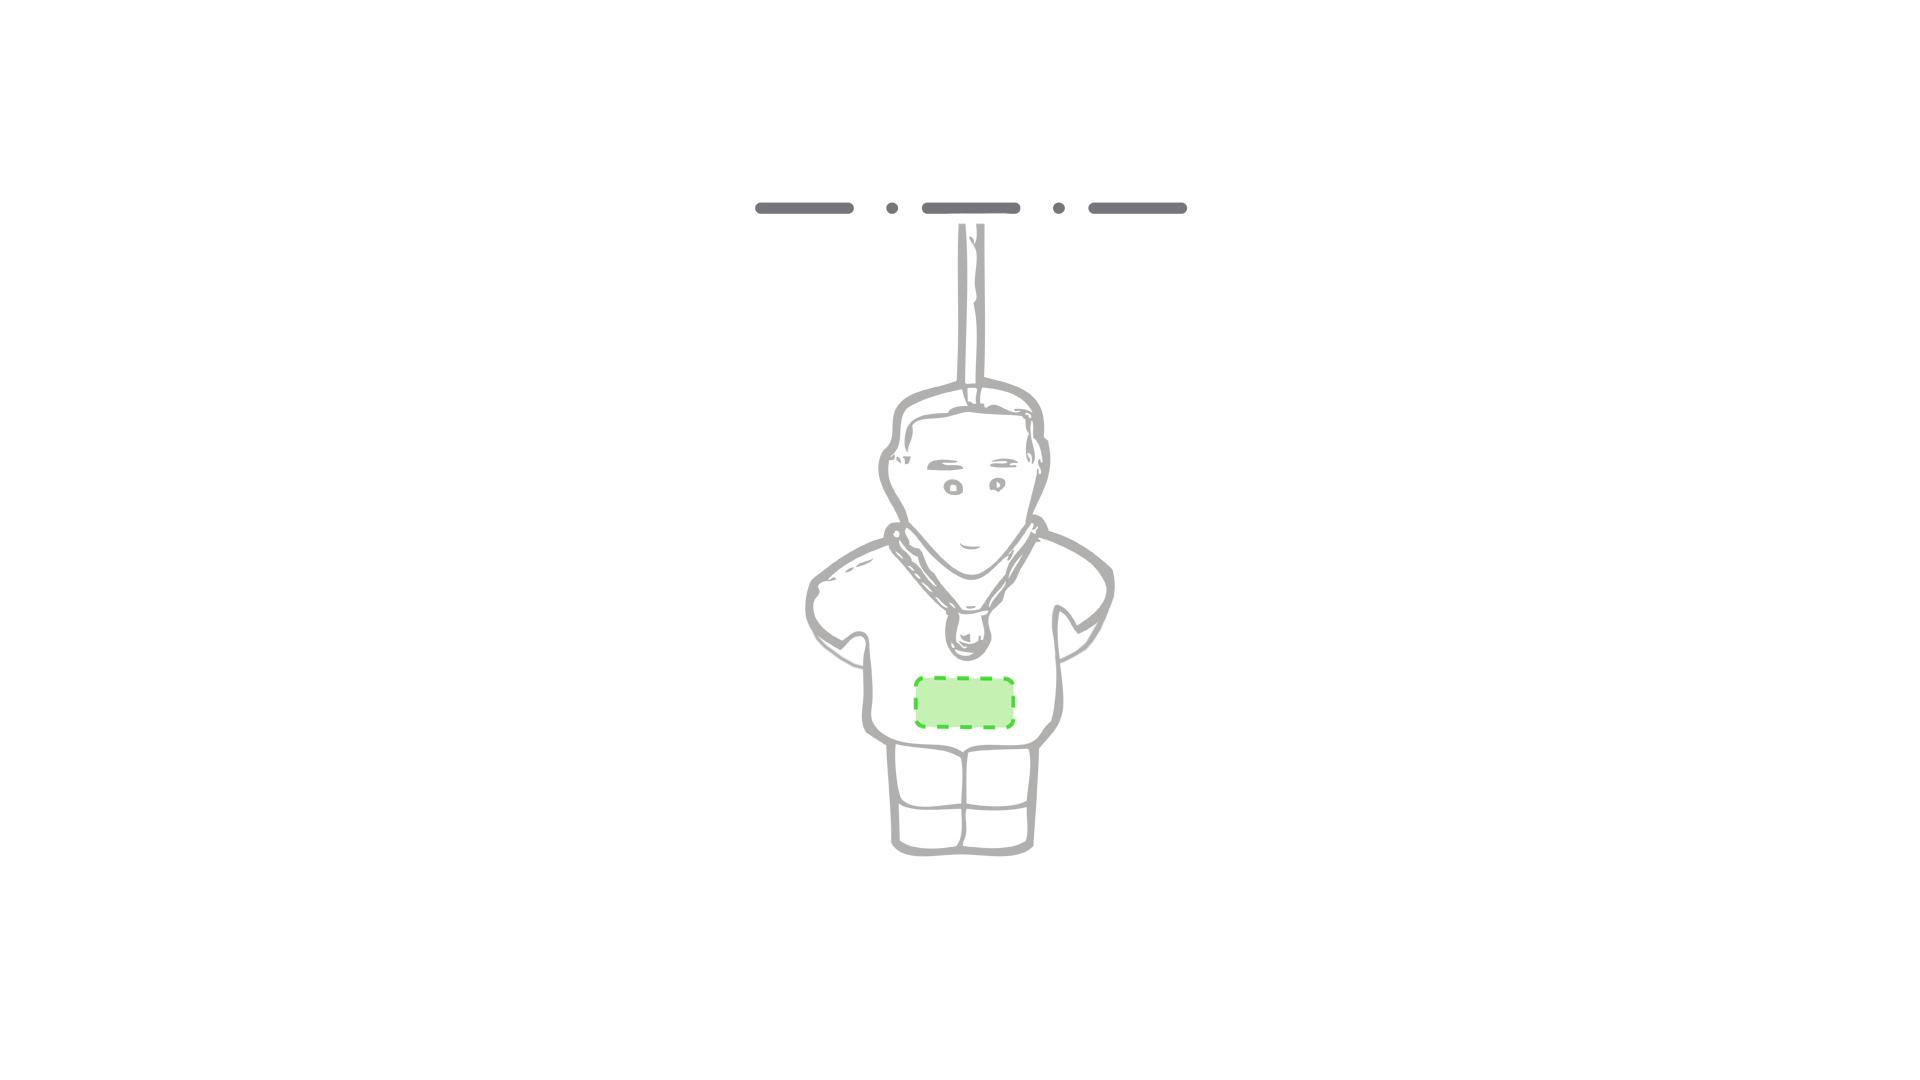 Zona frontal inferior de la camiseta hombre